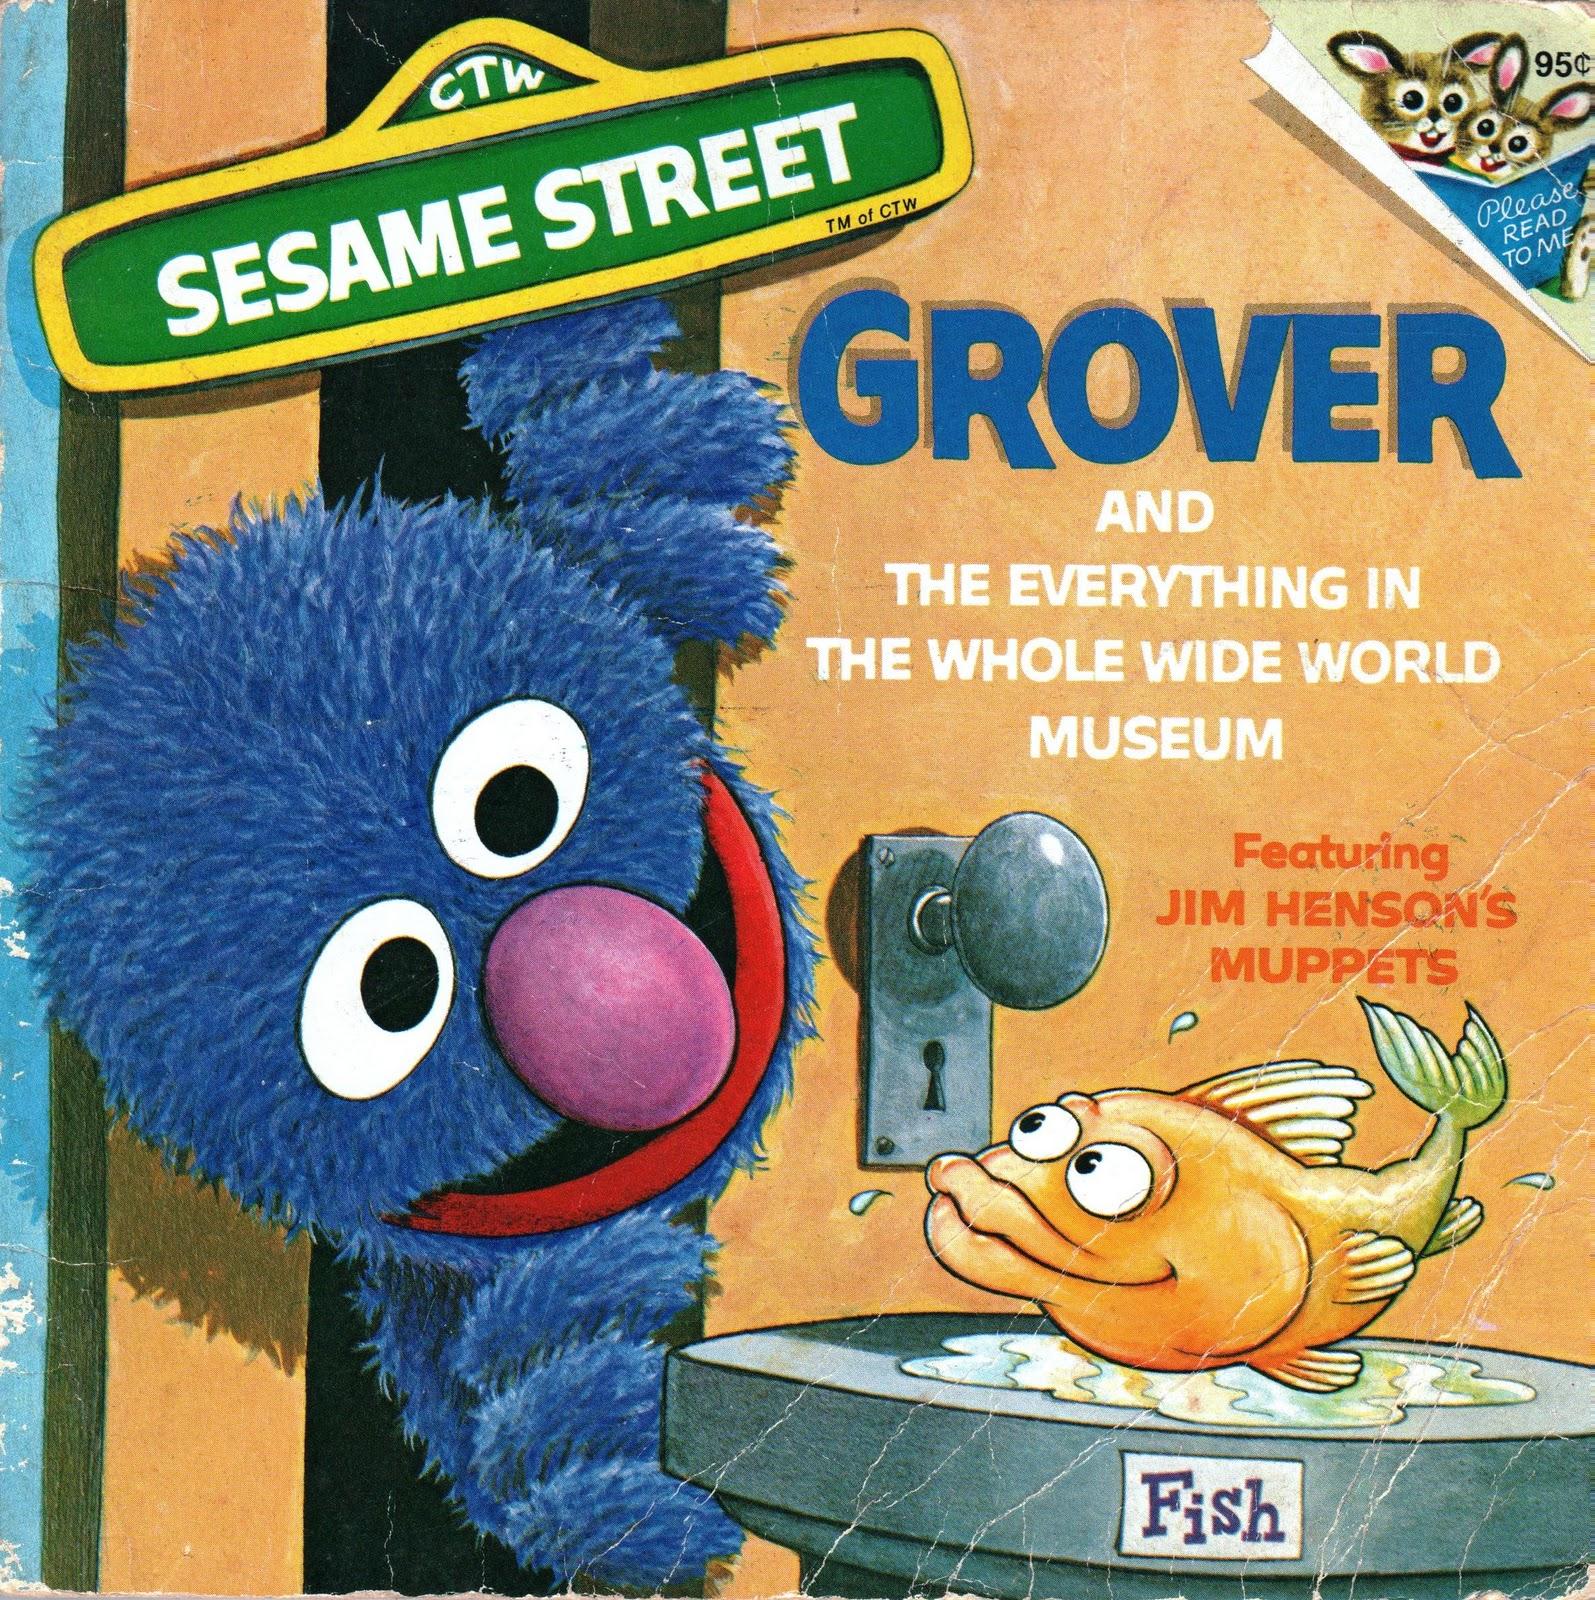 Everythingmuseum.jpg